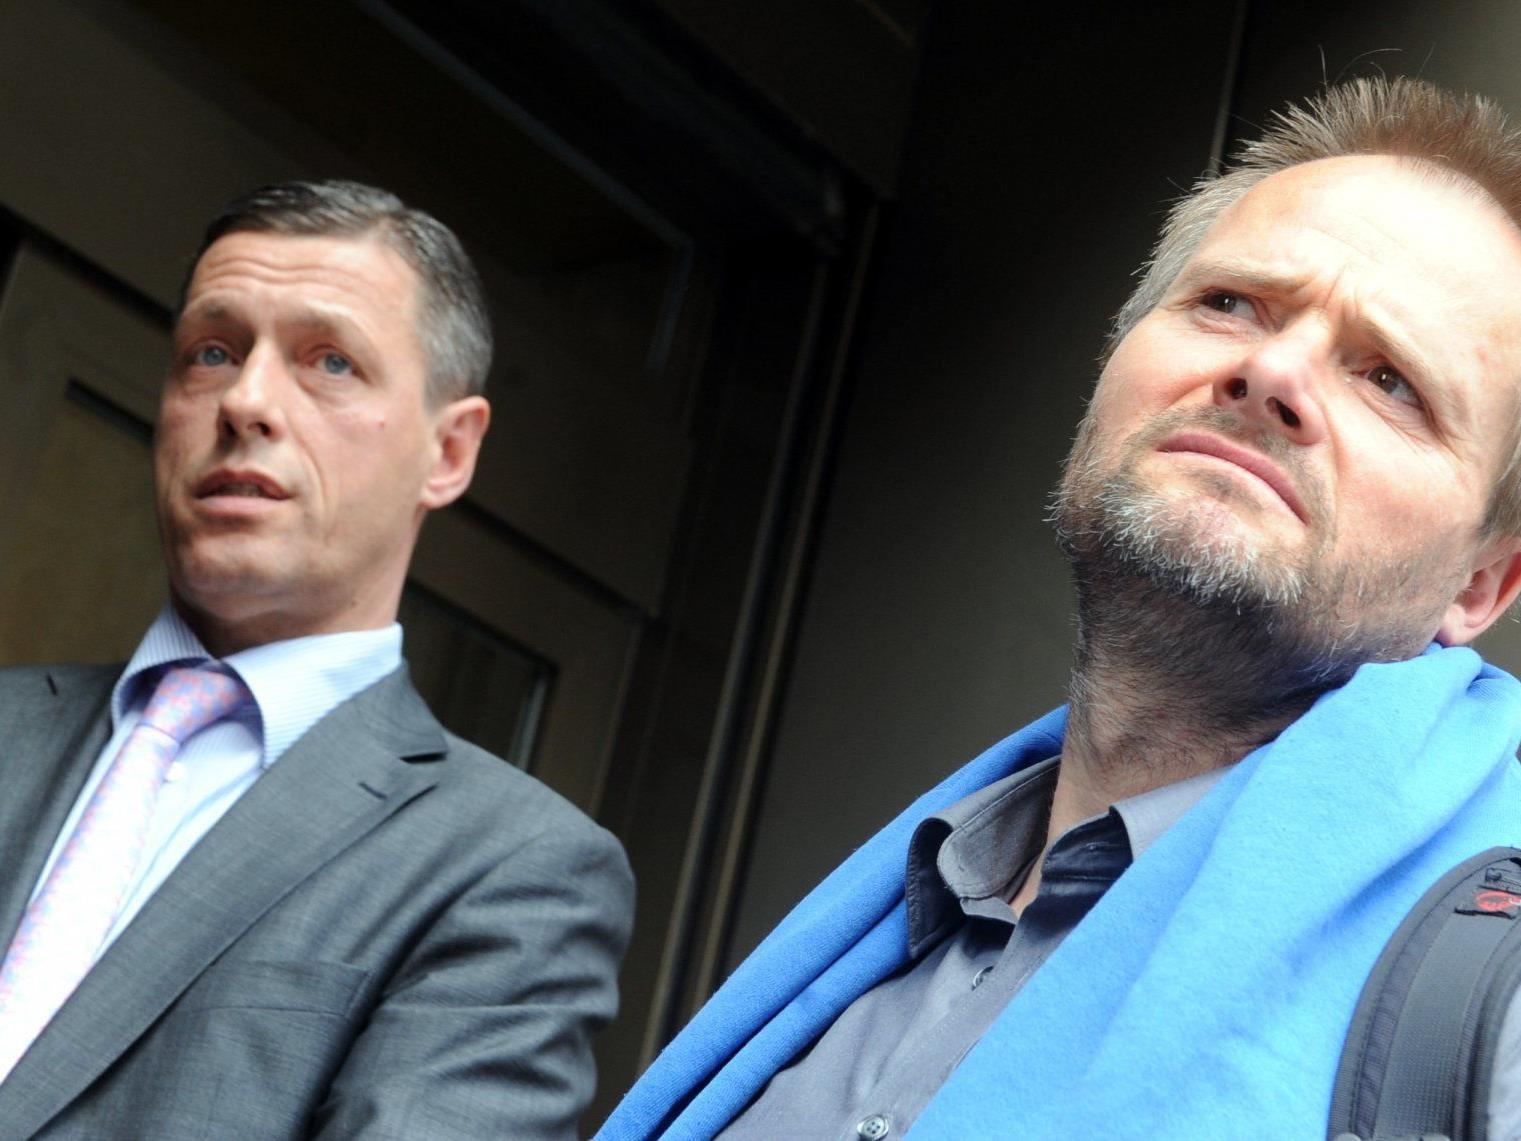 er Chef der Strafrechtssektion des Justizministeriums Christian Pilnacek (l.) und der streitbare Tierschützer und VGT Obmann Martin Balluch.